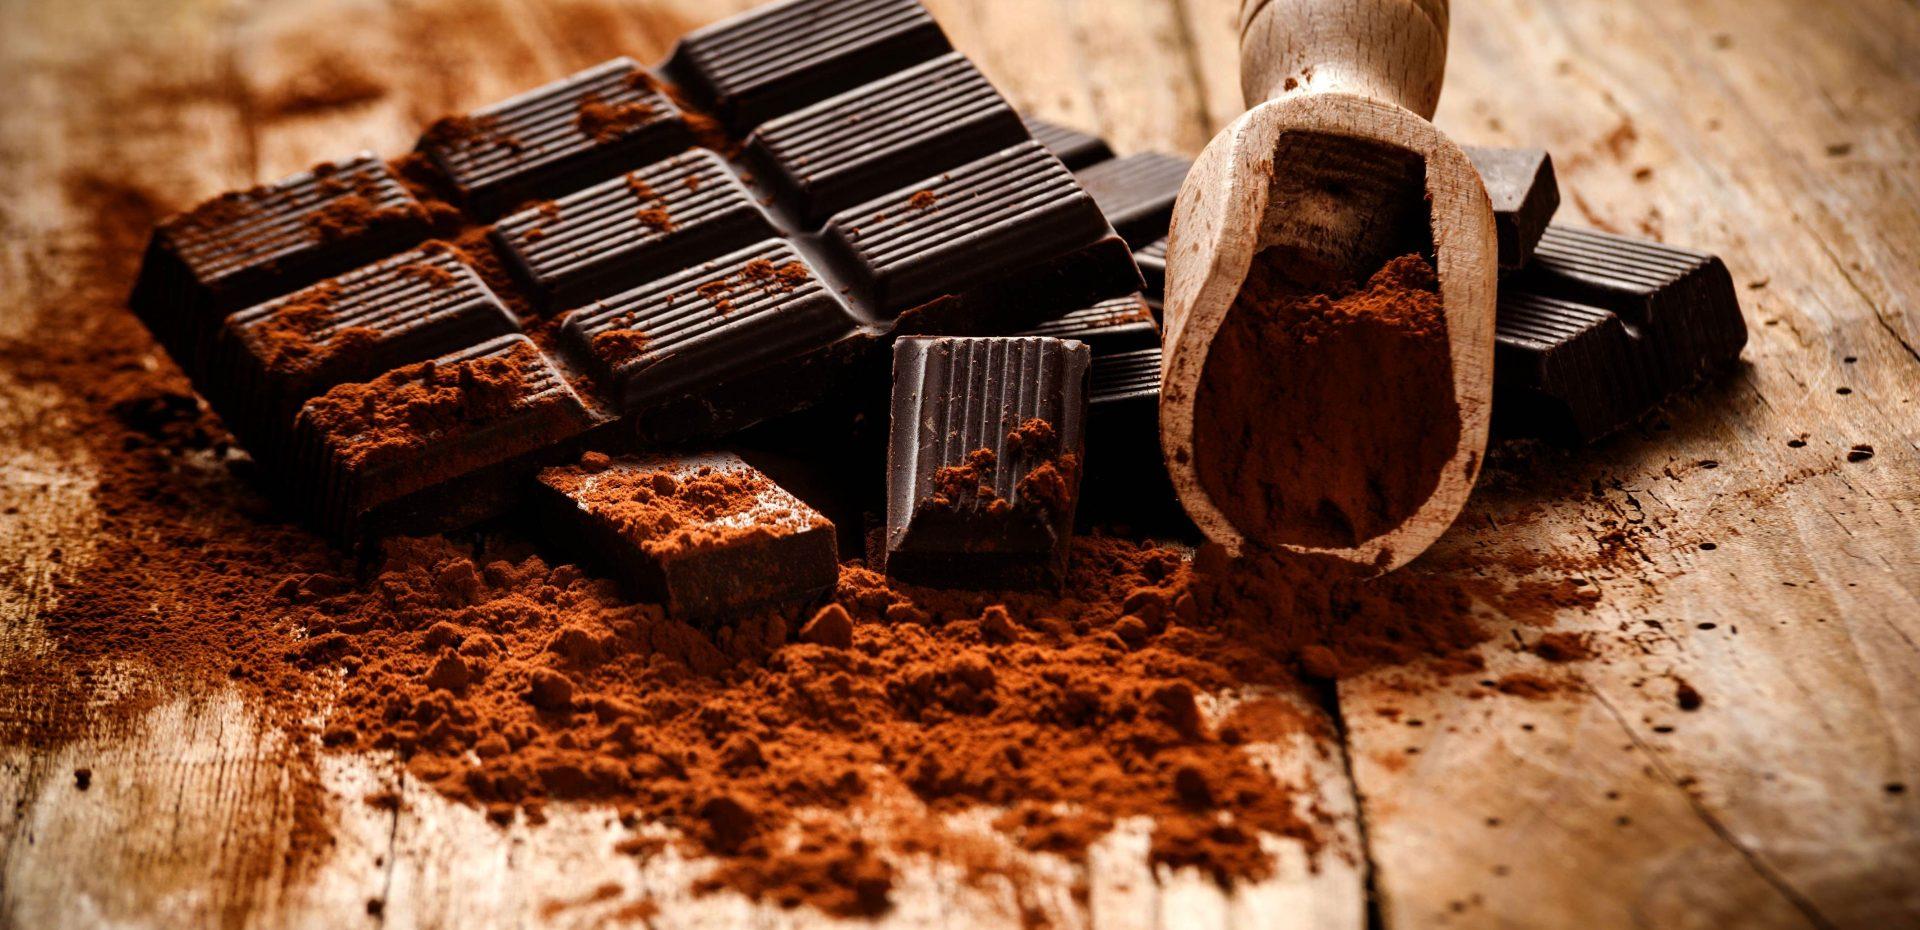 تاثیر خوردن شکلات تلخ بر سلامت انسان و یافتههای جدید دانشمندان - دینو